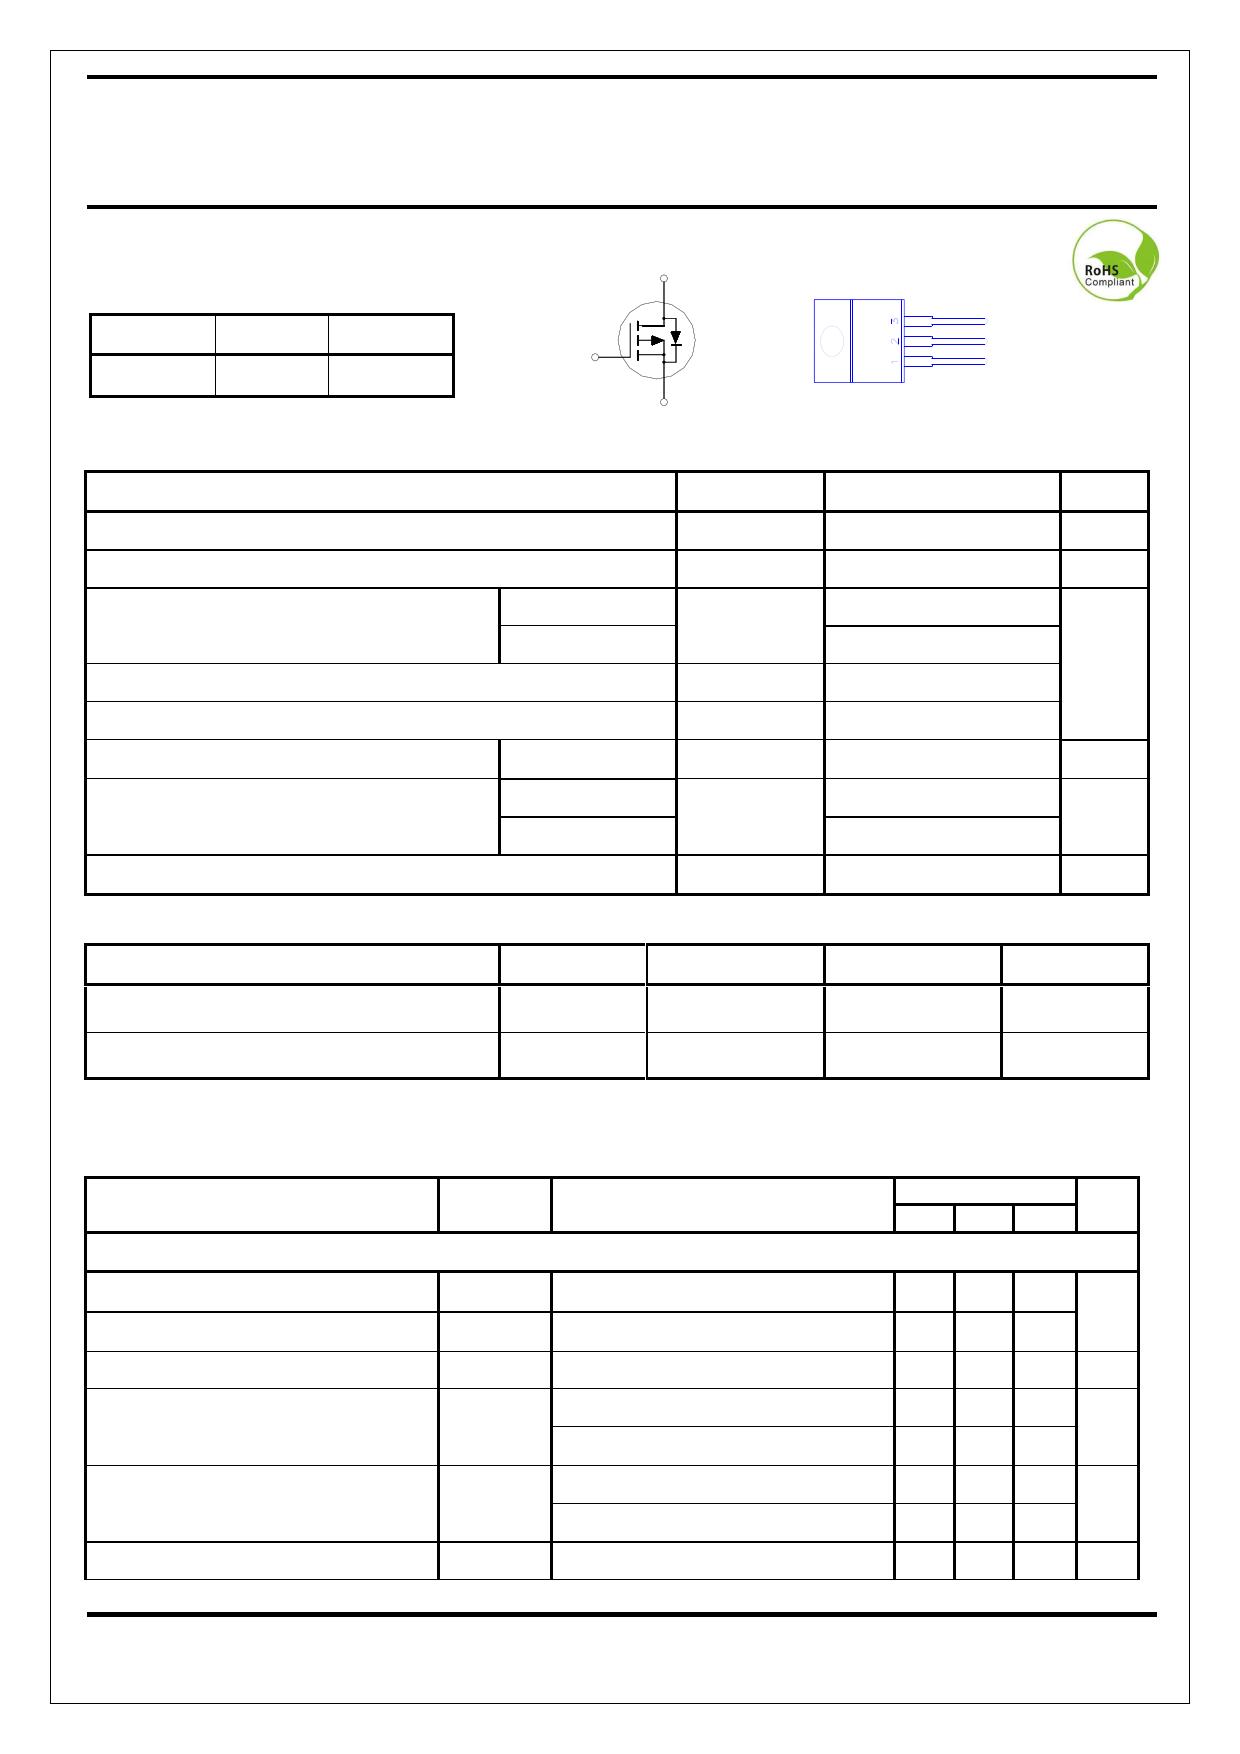 P3506DT datasheet